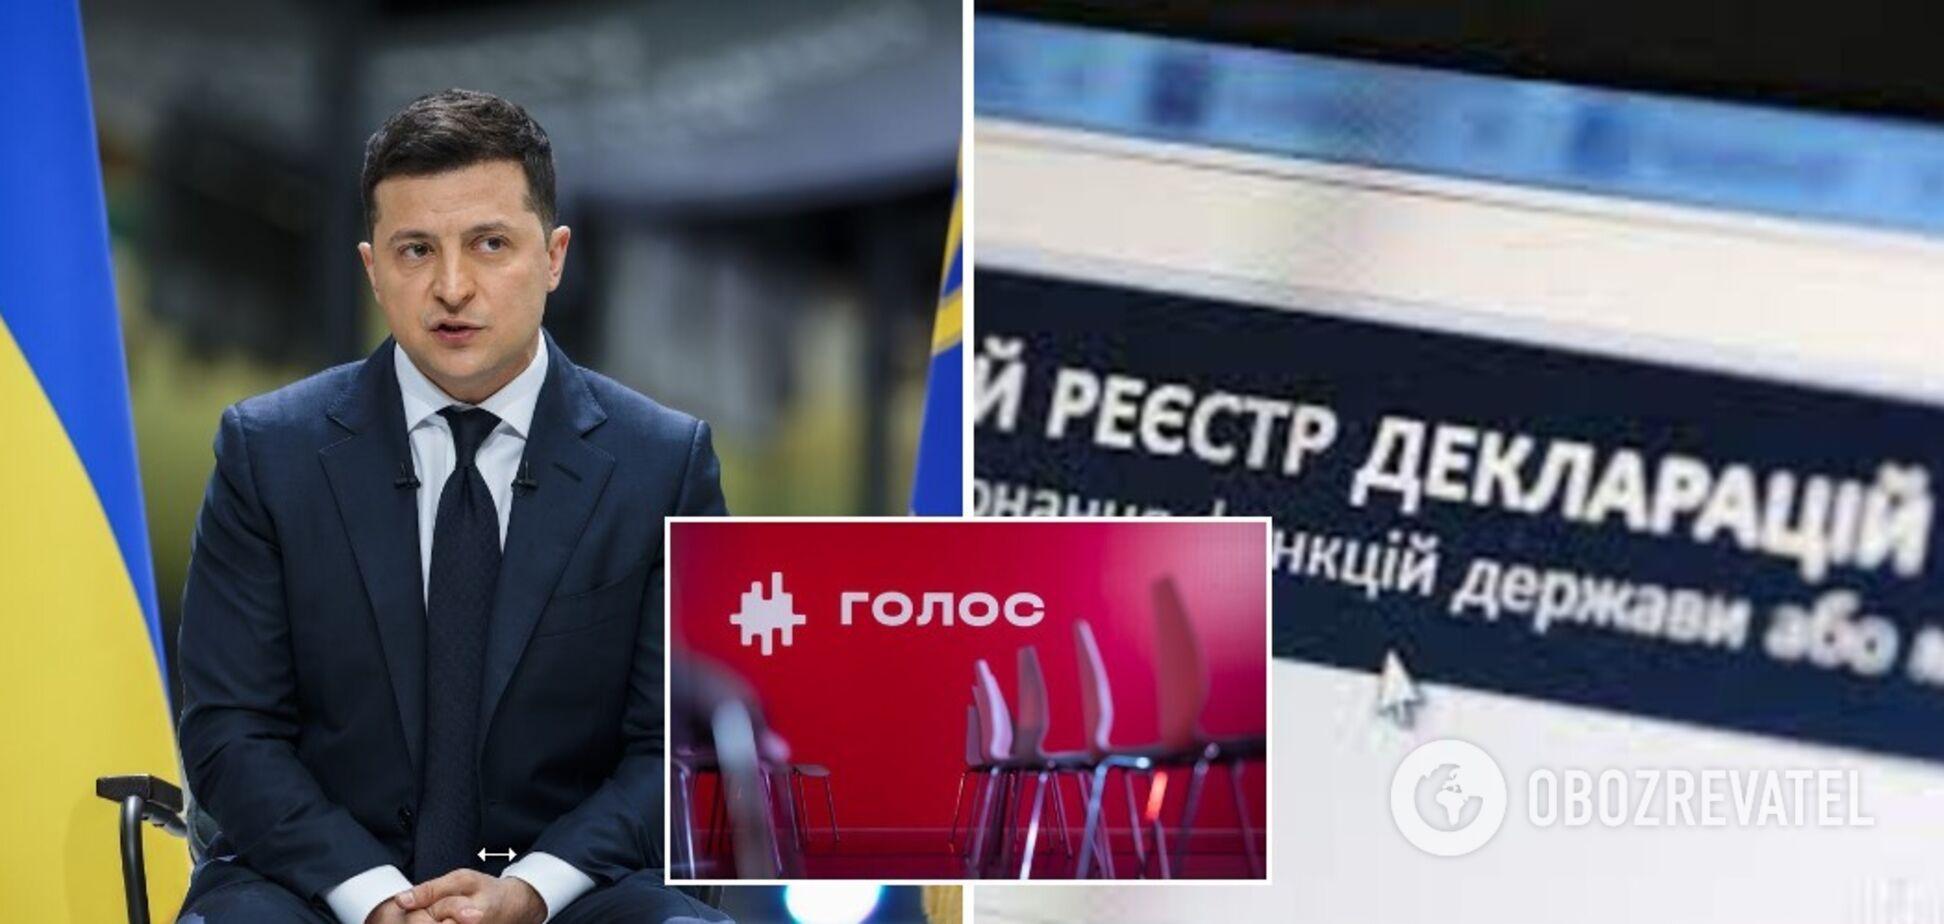 'Голос' призвал Зеленского ветировать закон о е-декларациях